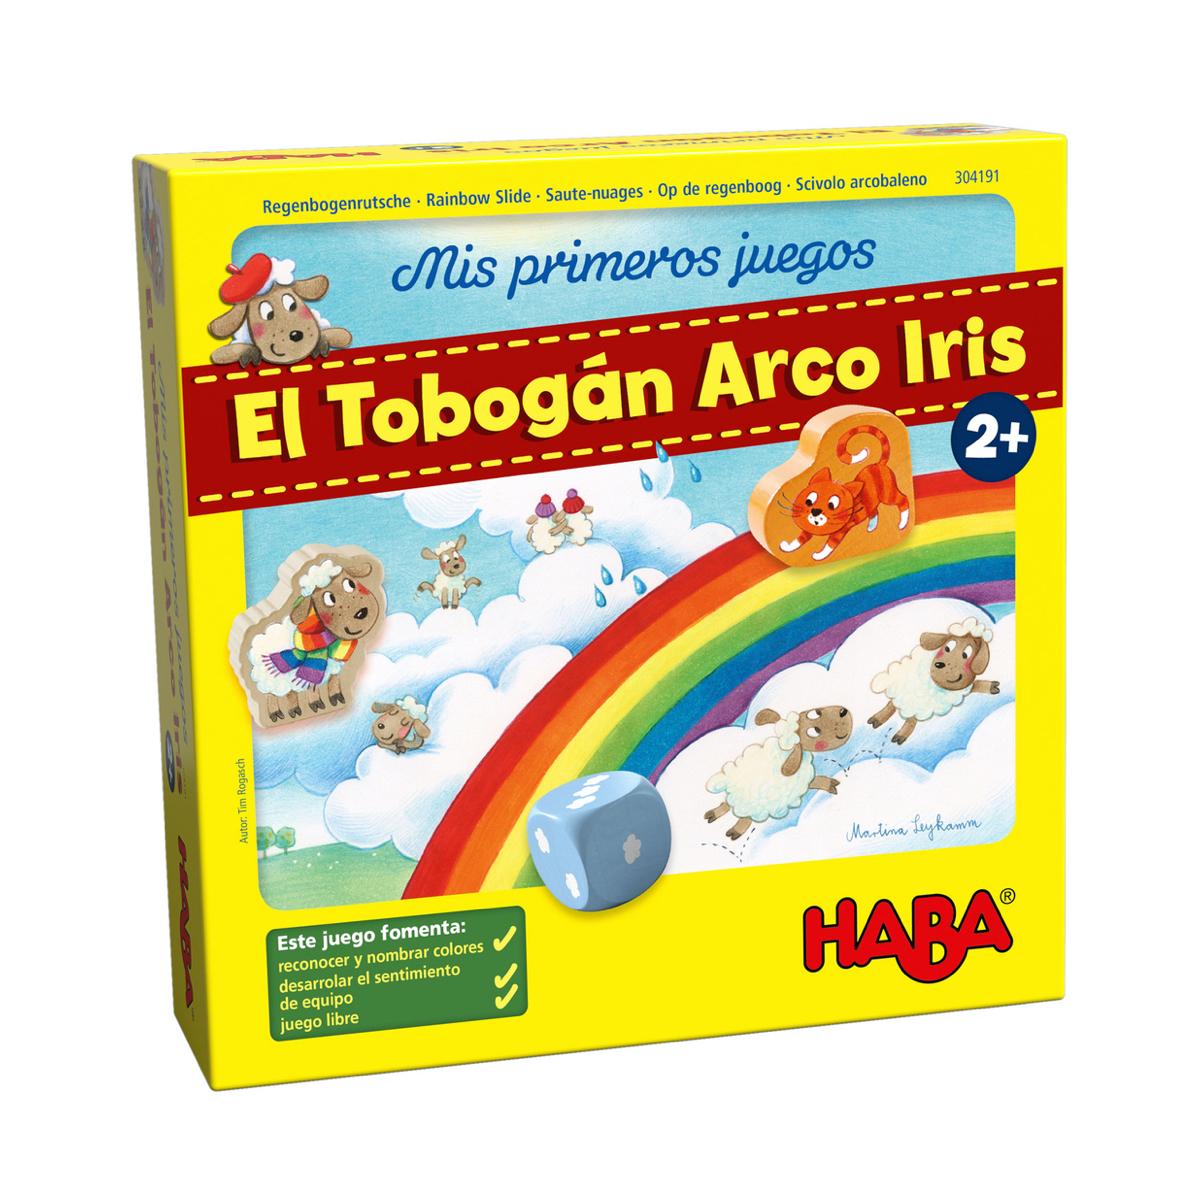 mis-primeros-juegos-el-tobogan-arcoiris-haba-el-mundo-de-mico